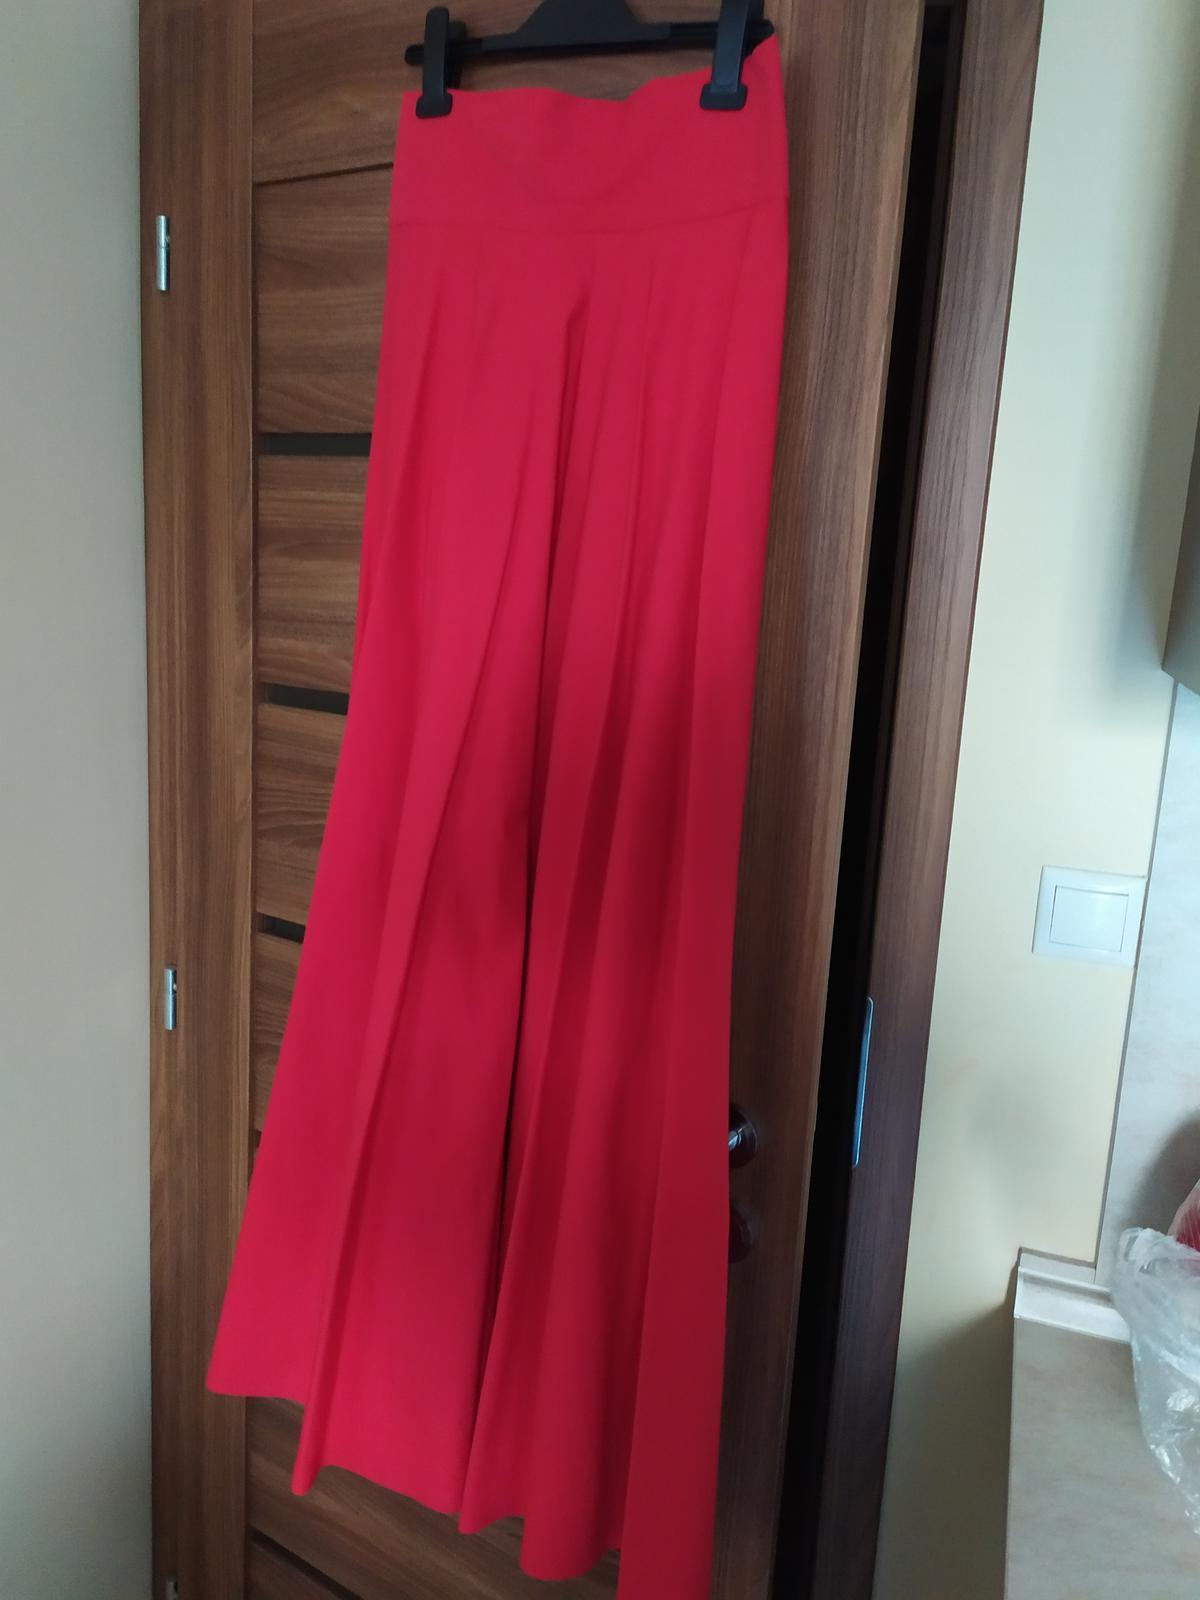 Dlhá červená sukňa s vysokým pásom - Obrázok č. 2